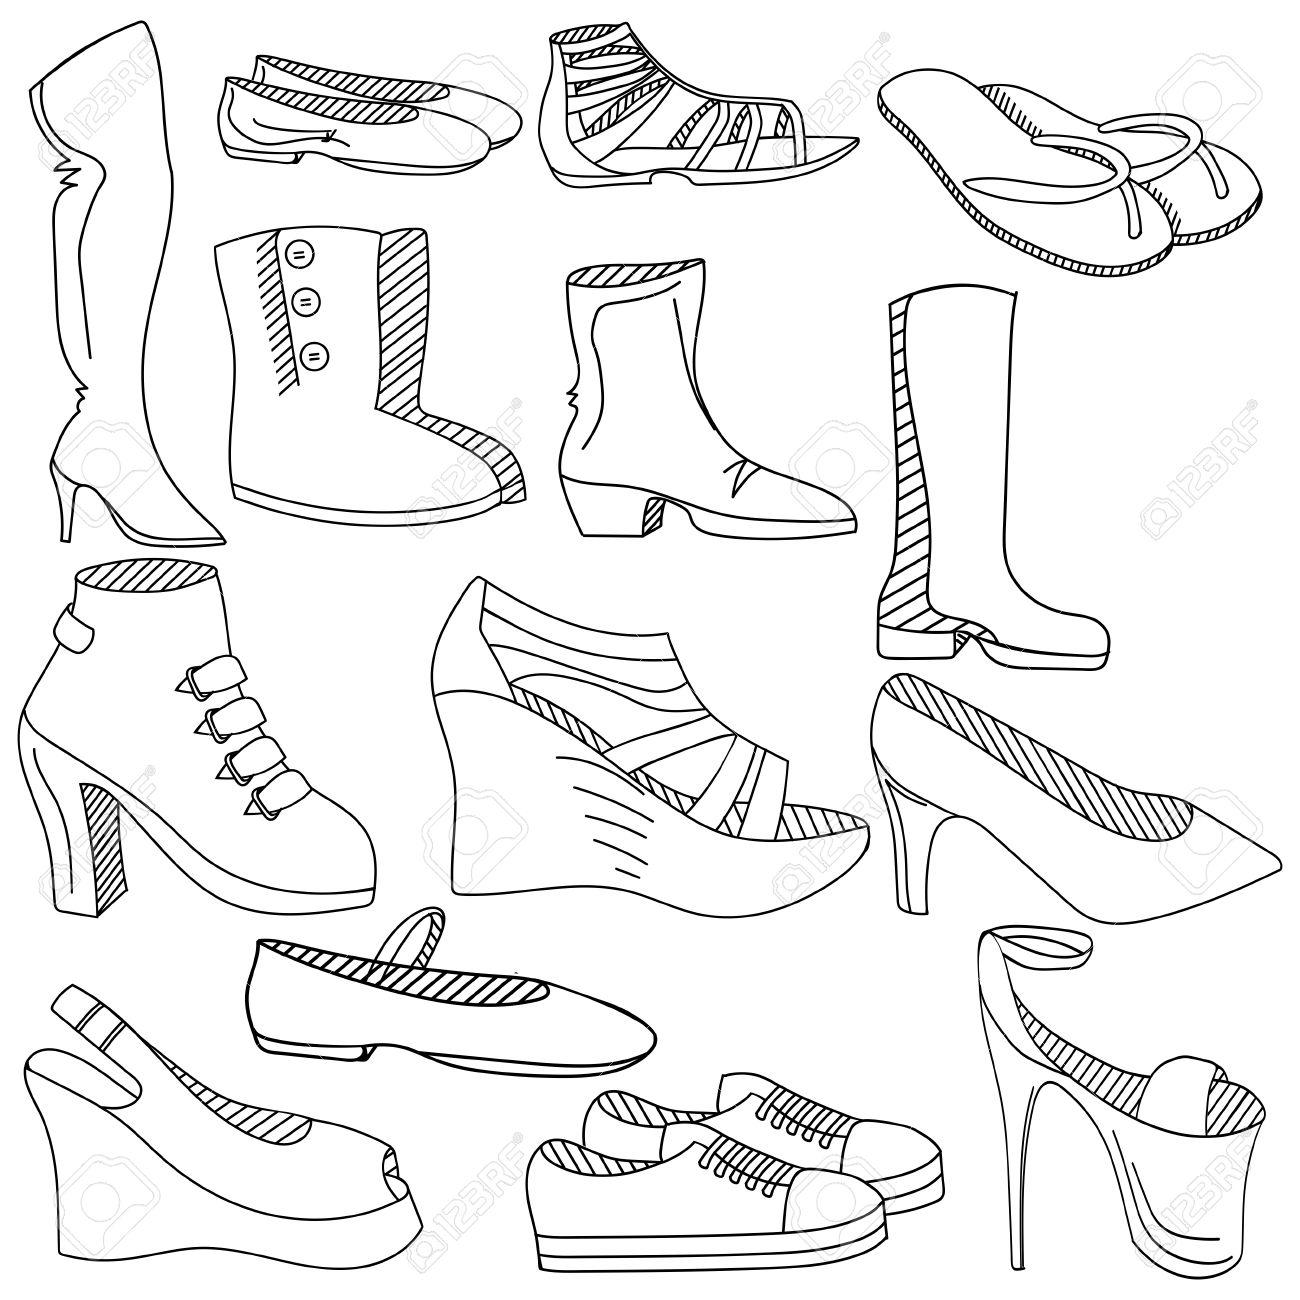 livreSéparer l'illustration coloriage objetsHand design Chaussures de éléments conception griffonnage de du drawn ligne femme de art les vecteur 8kOnwX0P